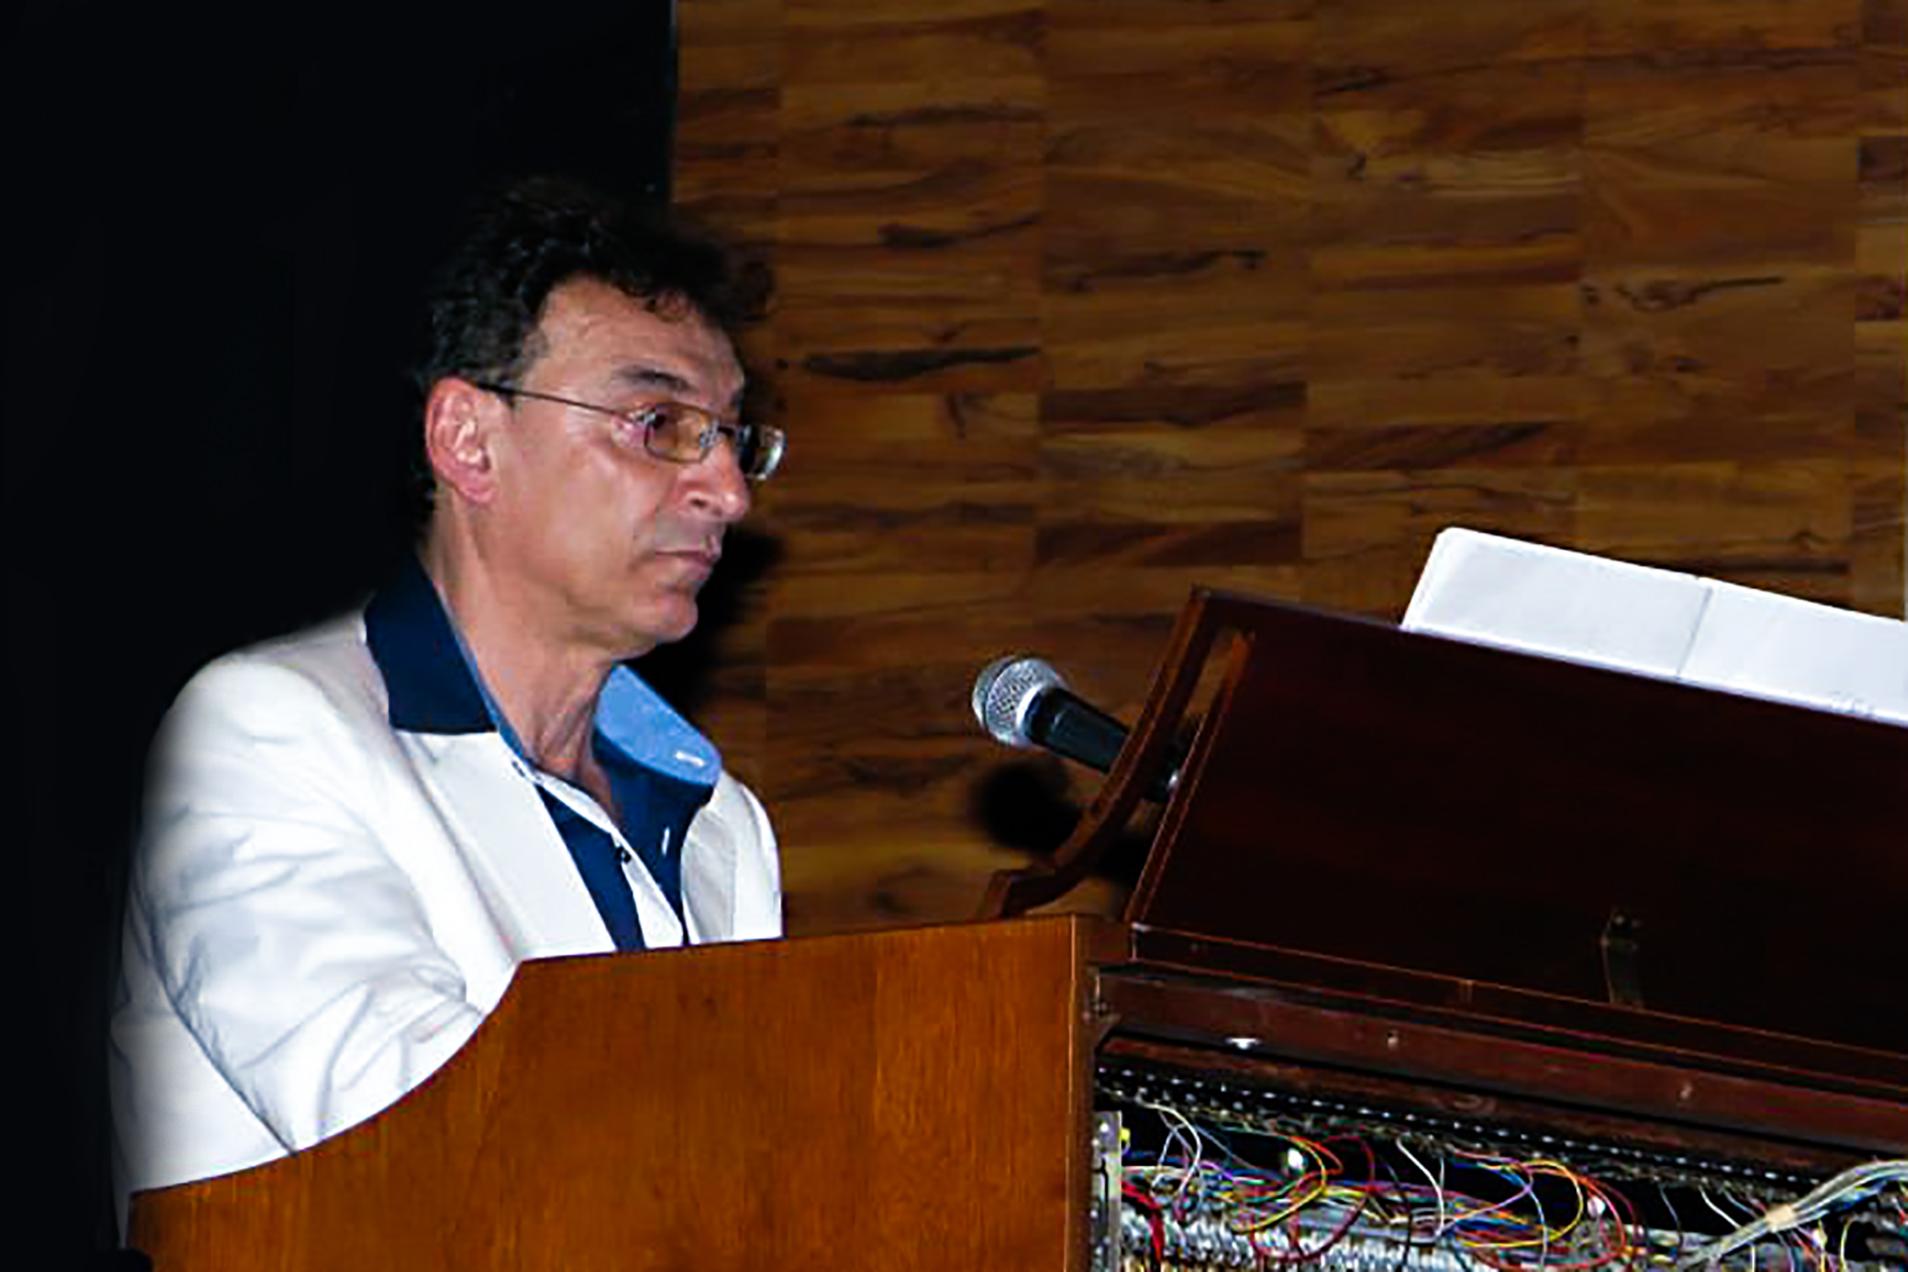 Francesco Maria Vadalà